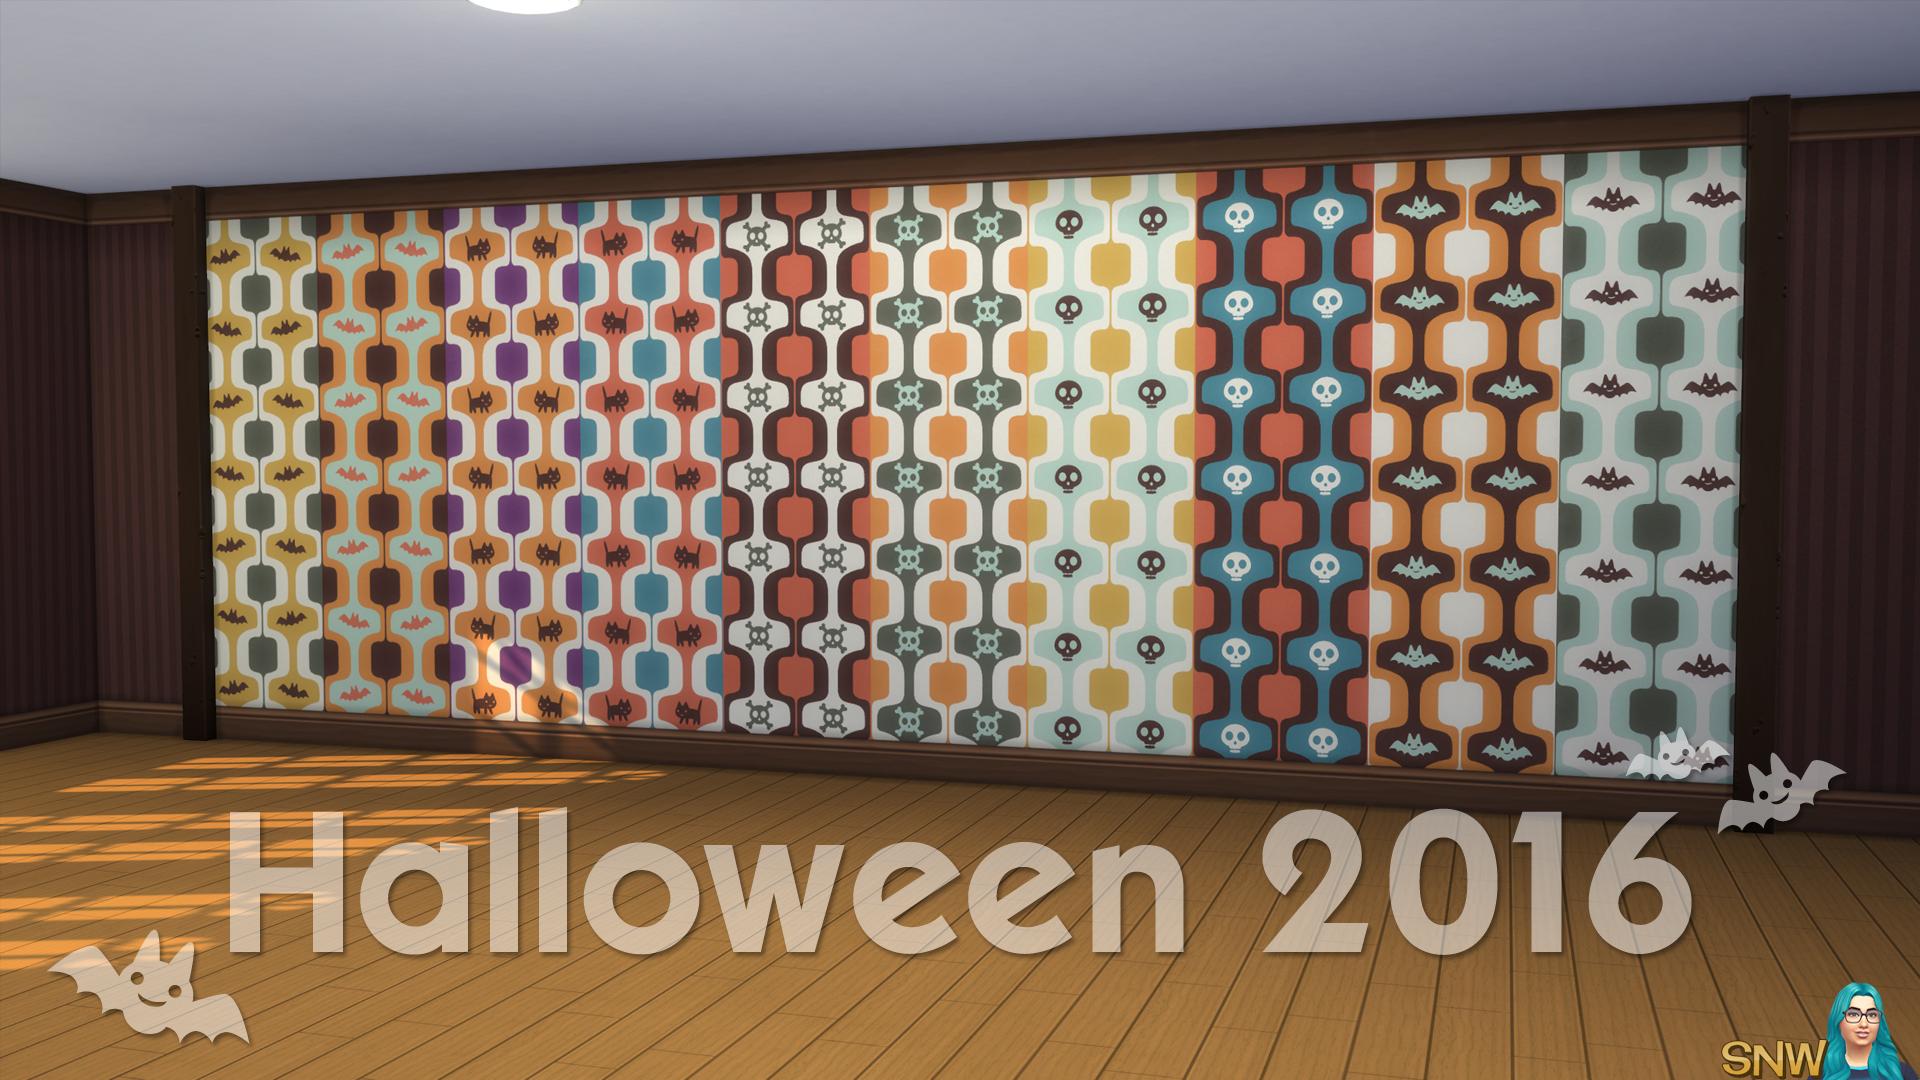 Halloween 2016 Walls #1